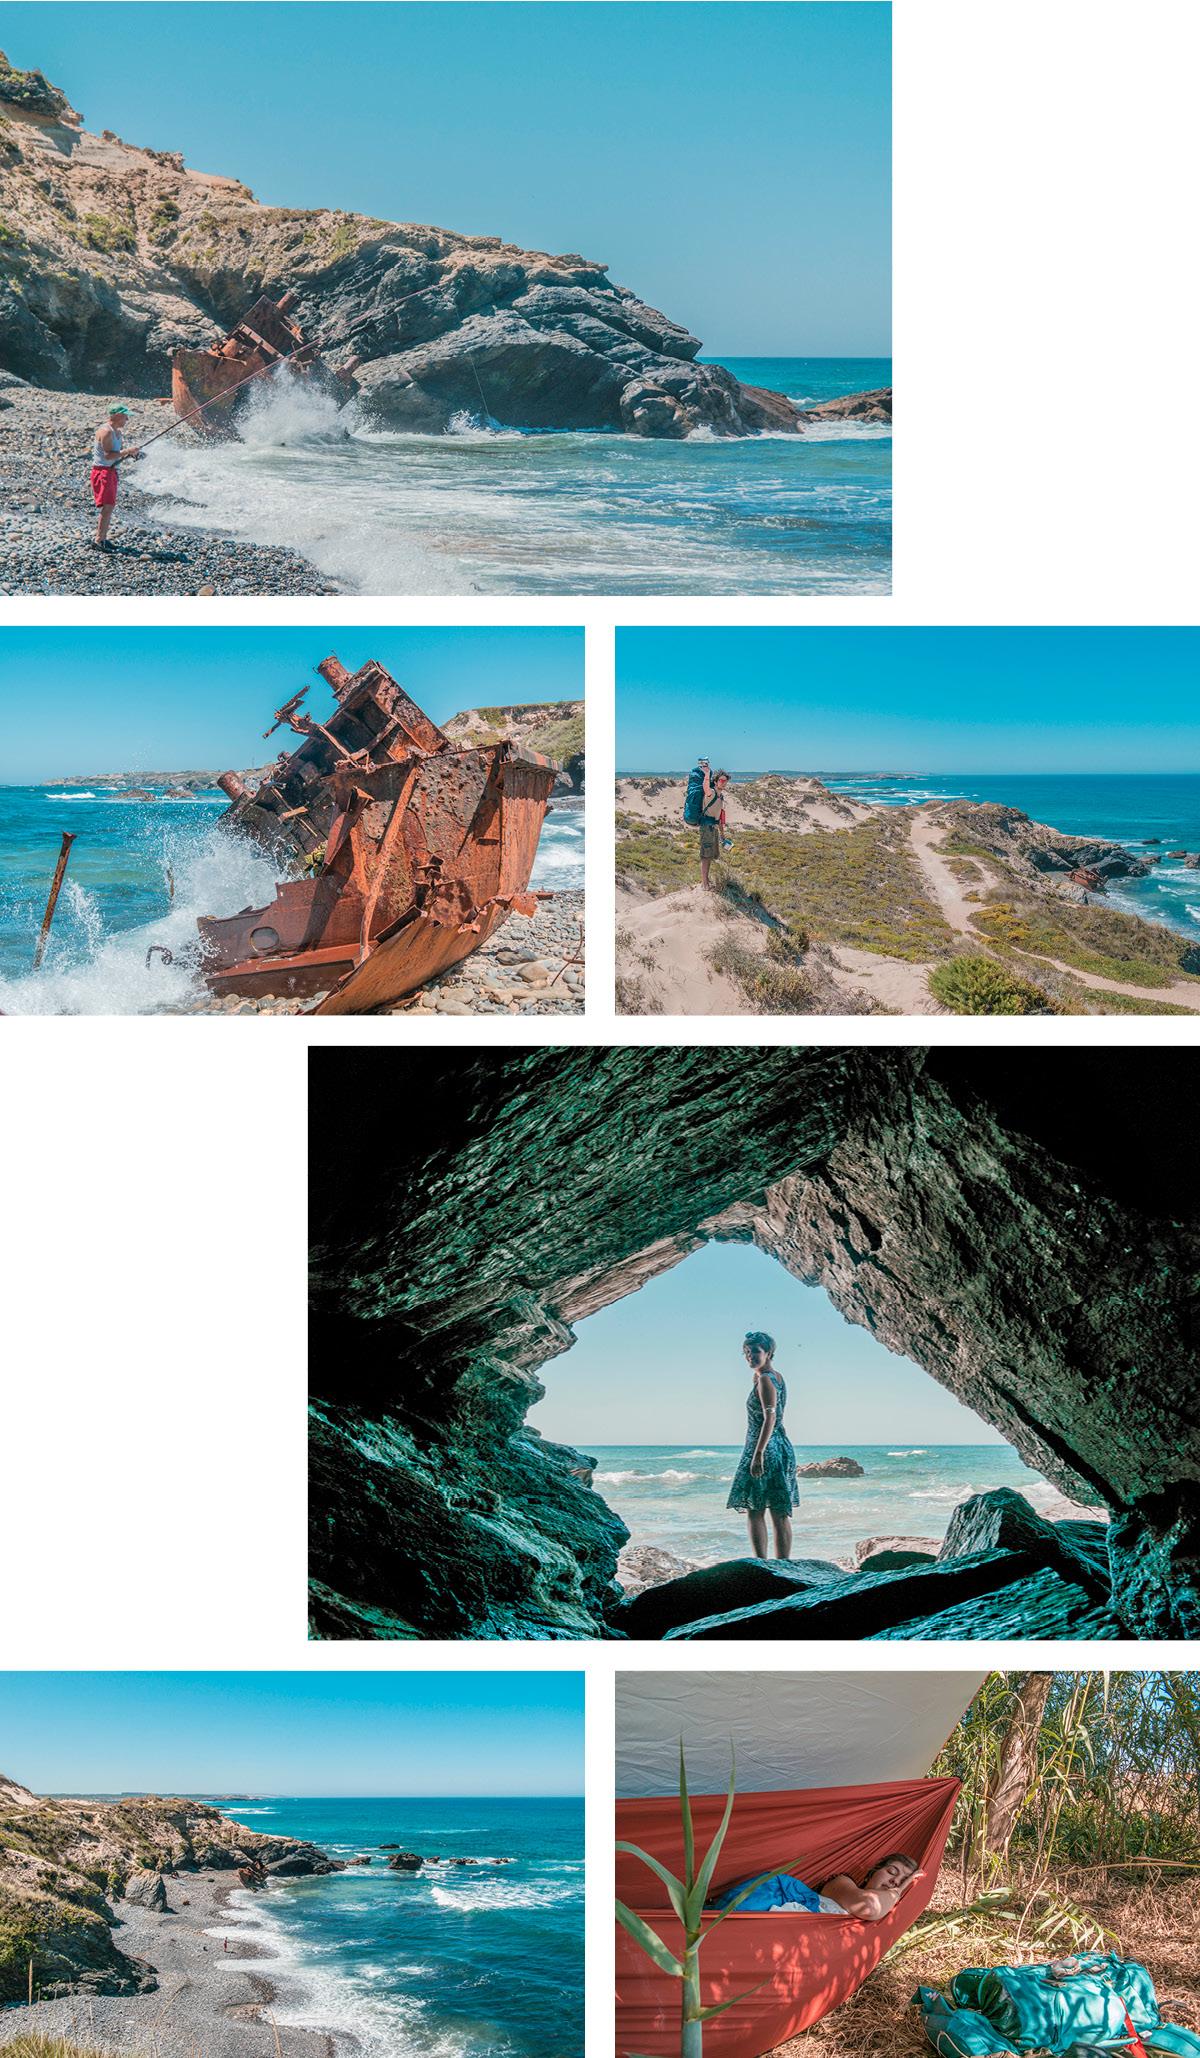 Visiter Vila Nova de Milfontes côte Atlantique Portugal